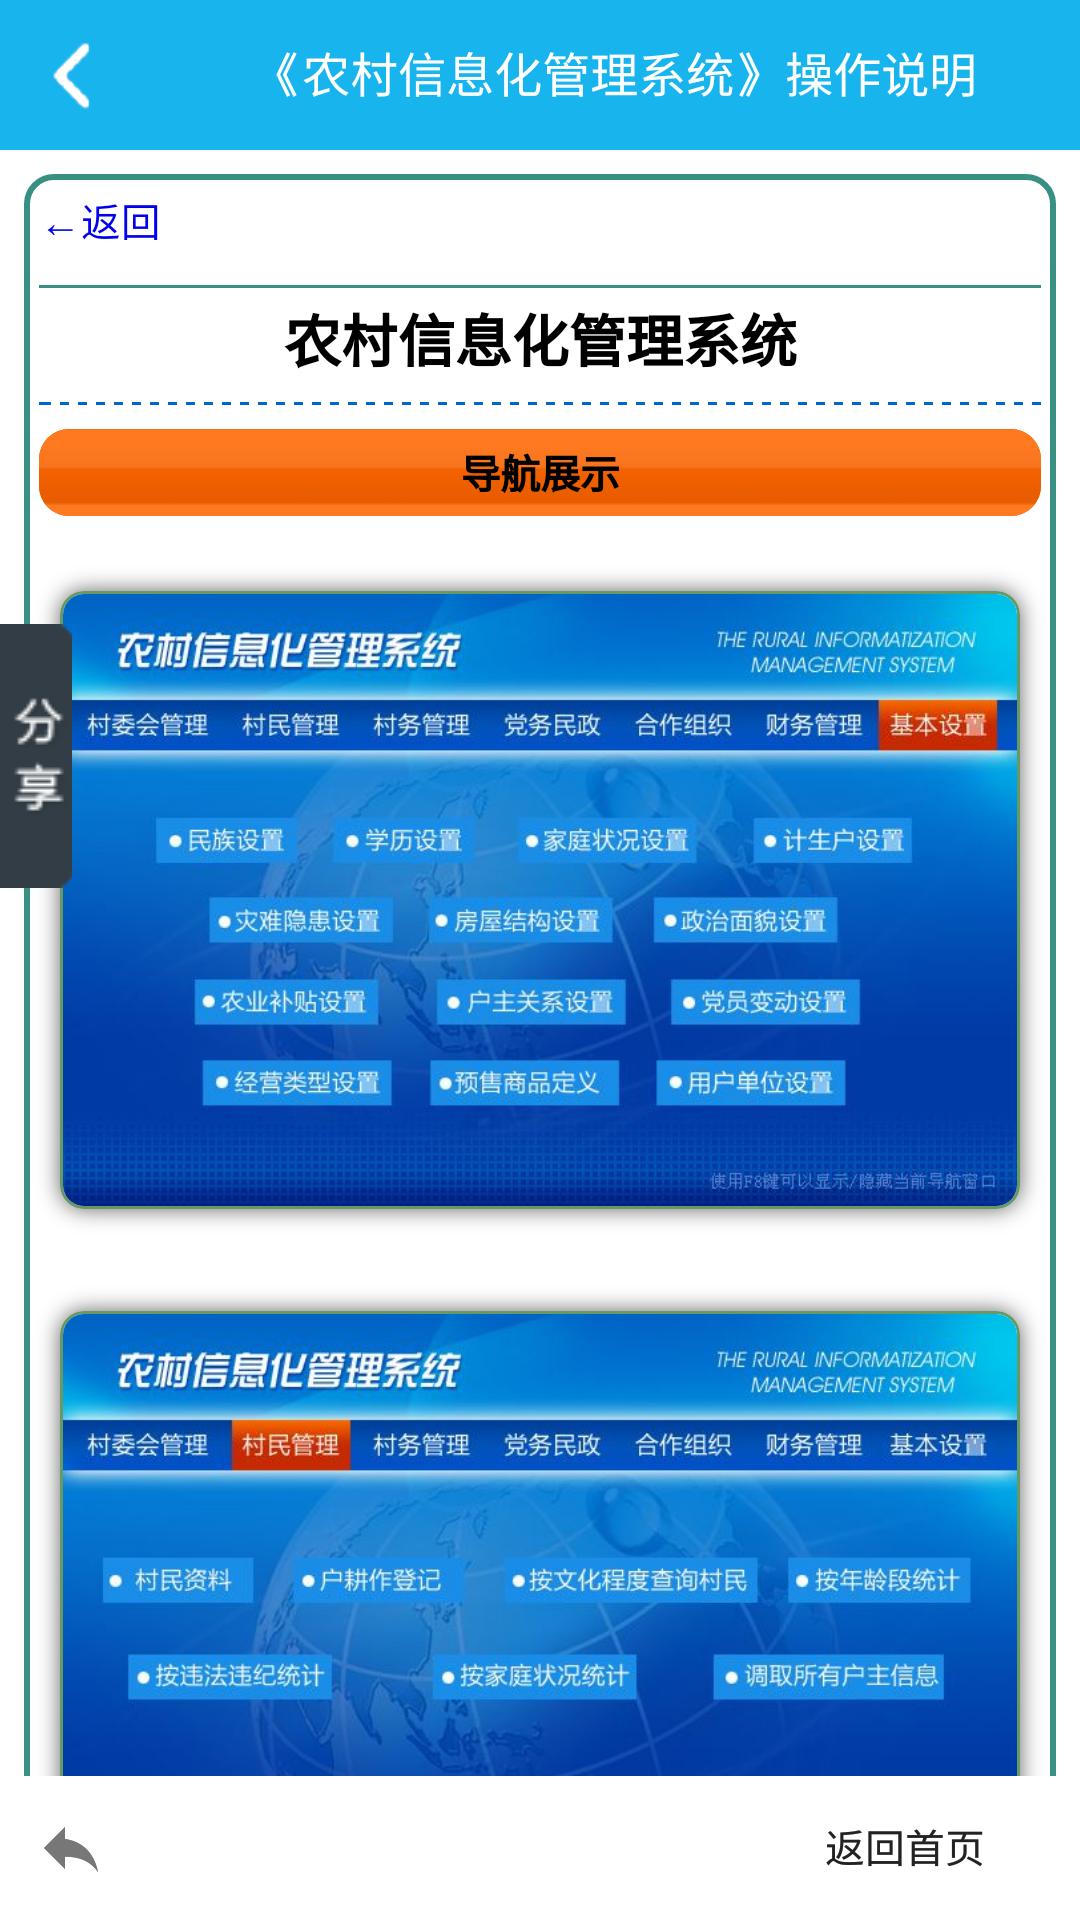 农村信息化管理系统截图